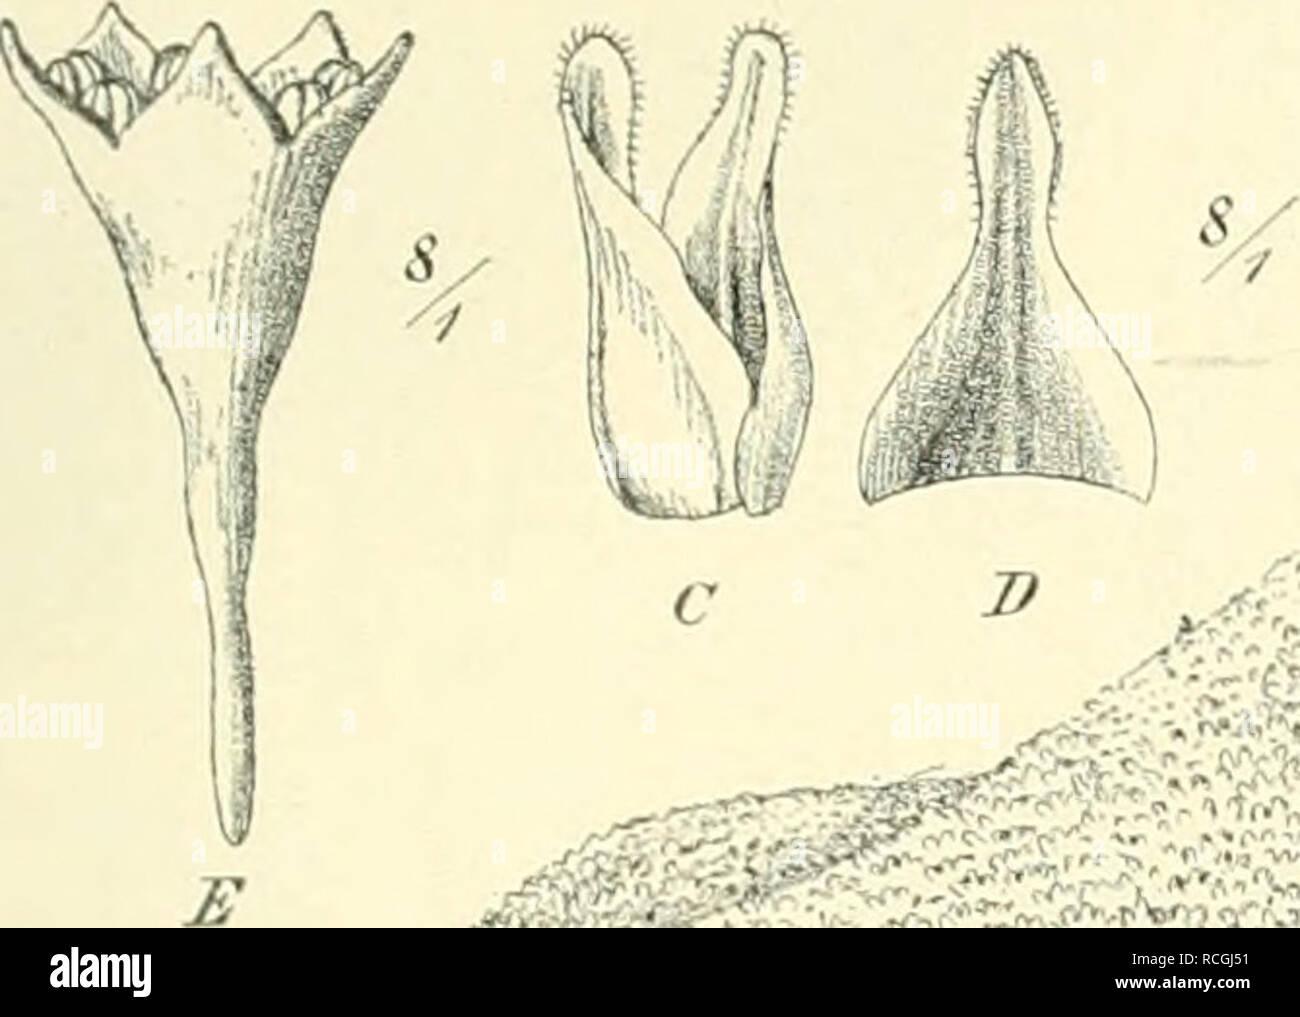 . Die Pflanzenwelt der peruanischen Anden in ihren Grundzügen dargestellt. Mountain plants; Mountain plants; Phytogeography; Phytogeography. I. Abschnitt. 7. Kapitel. Die hocliaiuliiie oder runazone. 197 Zusammendi-ängung der Stengel erinnert an die Zusammendrängung der Rosetten- sprosse bei den Polsterpflanzen. Es ergeben sich Wuchsformen, die den Polstern teilweise nahestehen, aber durchweg ein lockereres Gefüge aufweisen und als Rasen oder Büschel bezeichnet werden können. Die Stämme der Rosetten- pflanzen und der Polstergewächse (wenigstens der flach ausgebreiteten) werden dadurch, daß sic - Stock Image